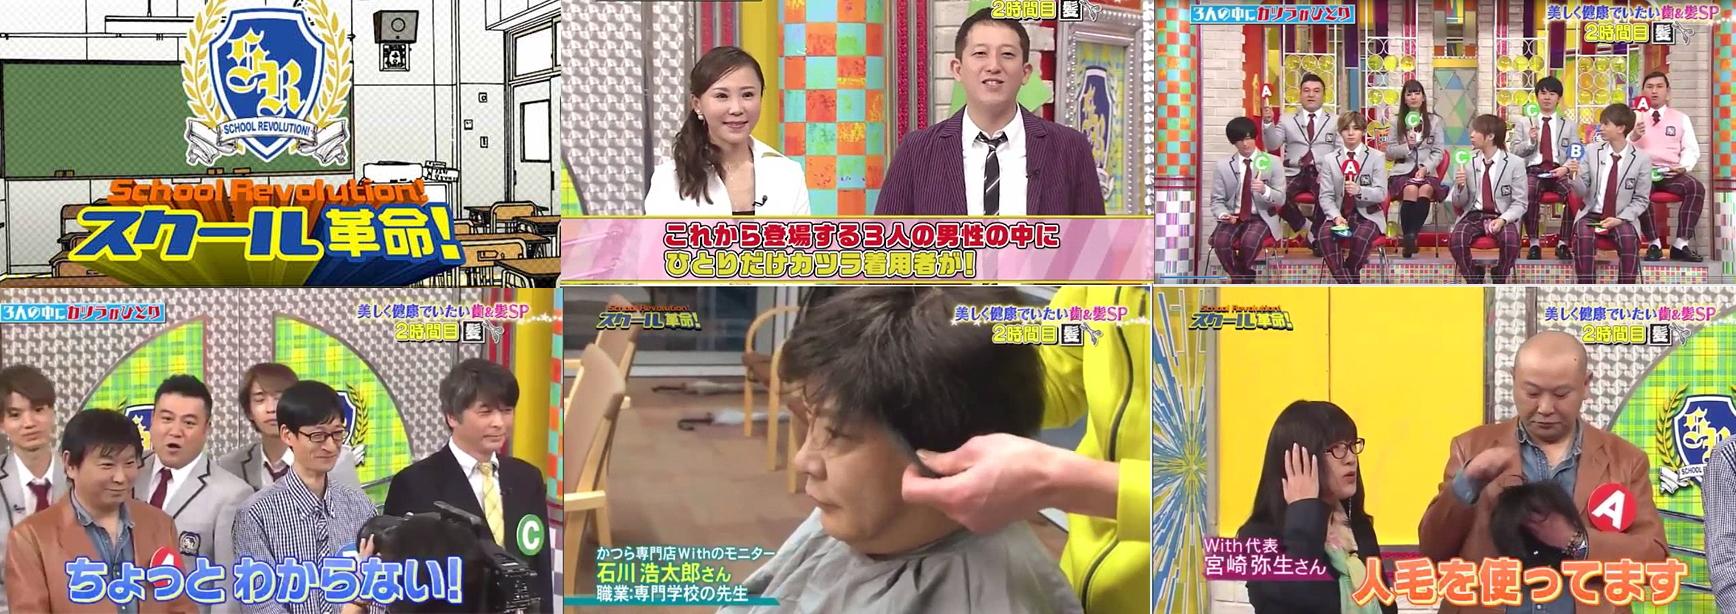 スクール革命カツラ日本テレビ